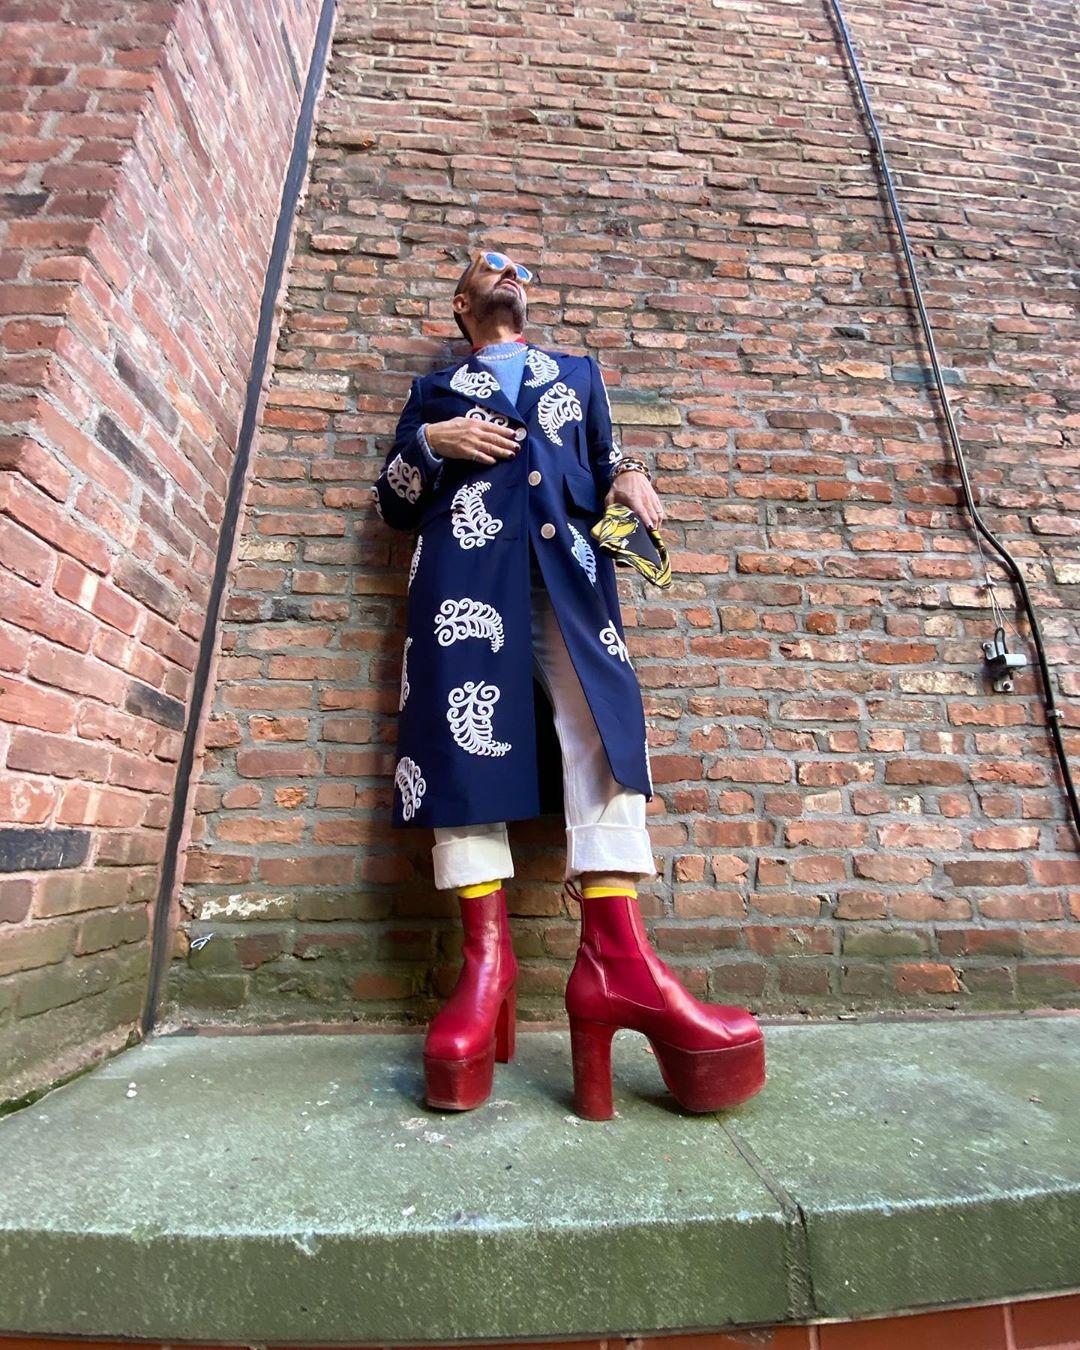 marc jacobs mặc áo khoác dáng dài trench coat họa tiết cùng giày cao gót platform